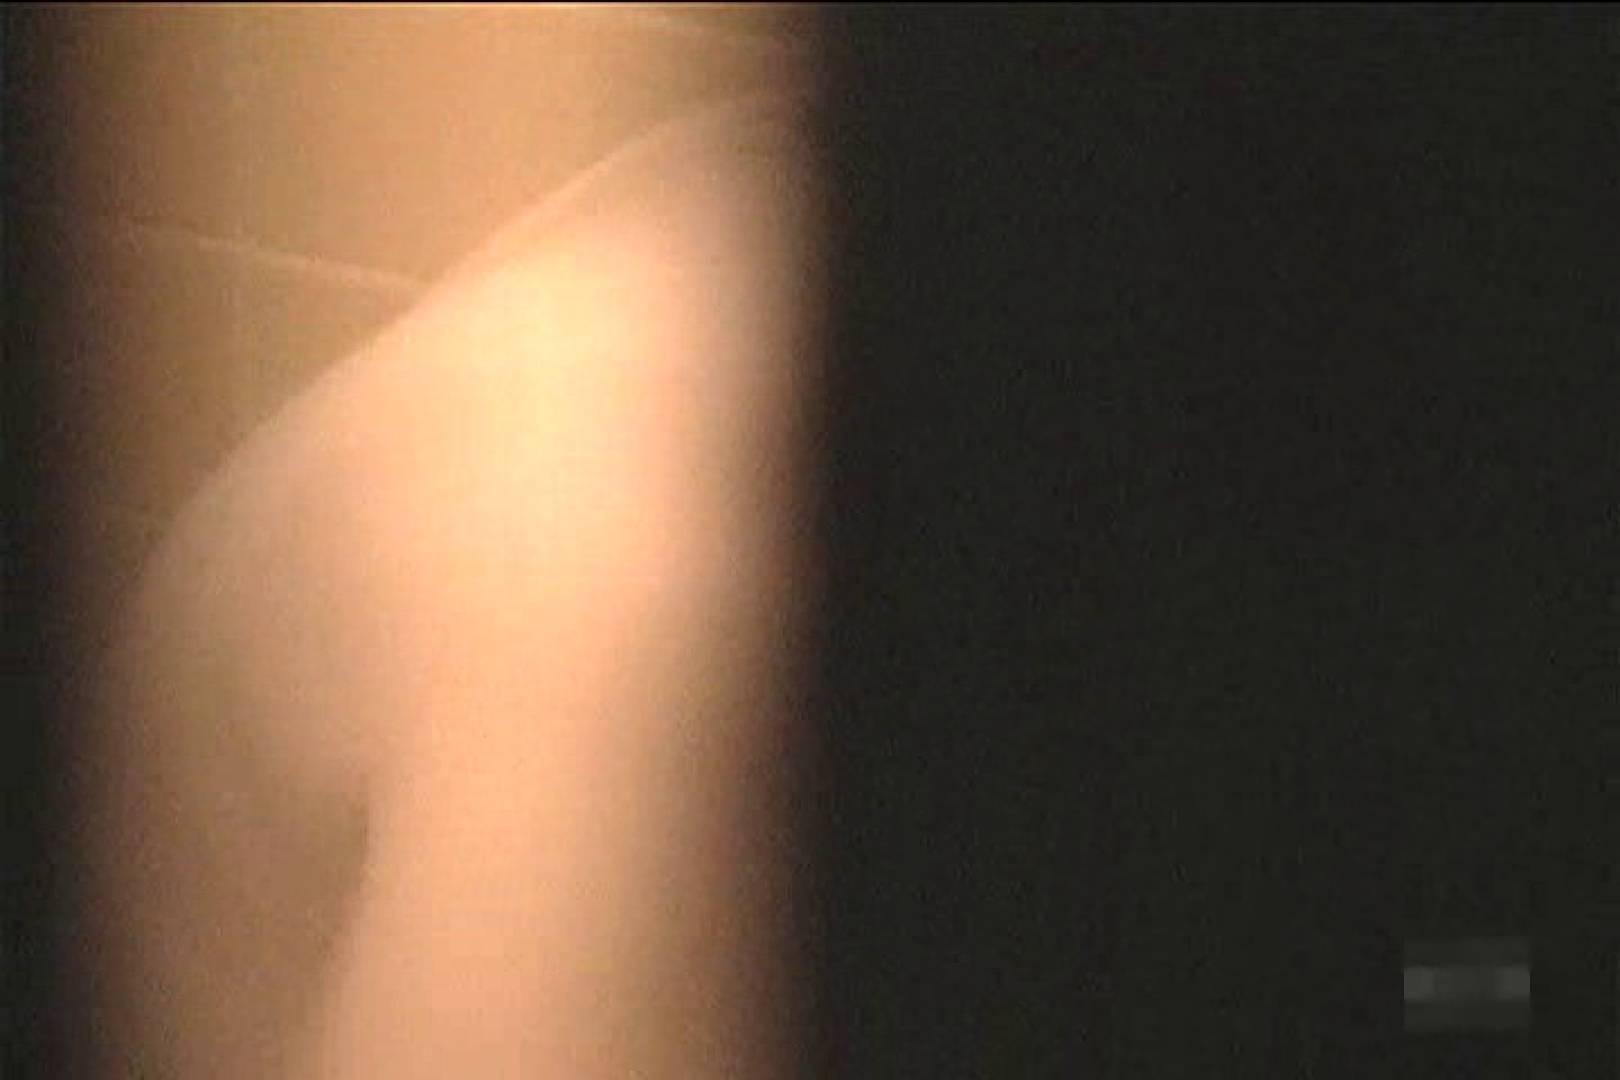 激撮ストーカー記録あなたのお宅拝見しますVol.11 シャワー オマンコ動画キャプチャ 106PICs 64